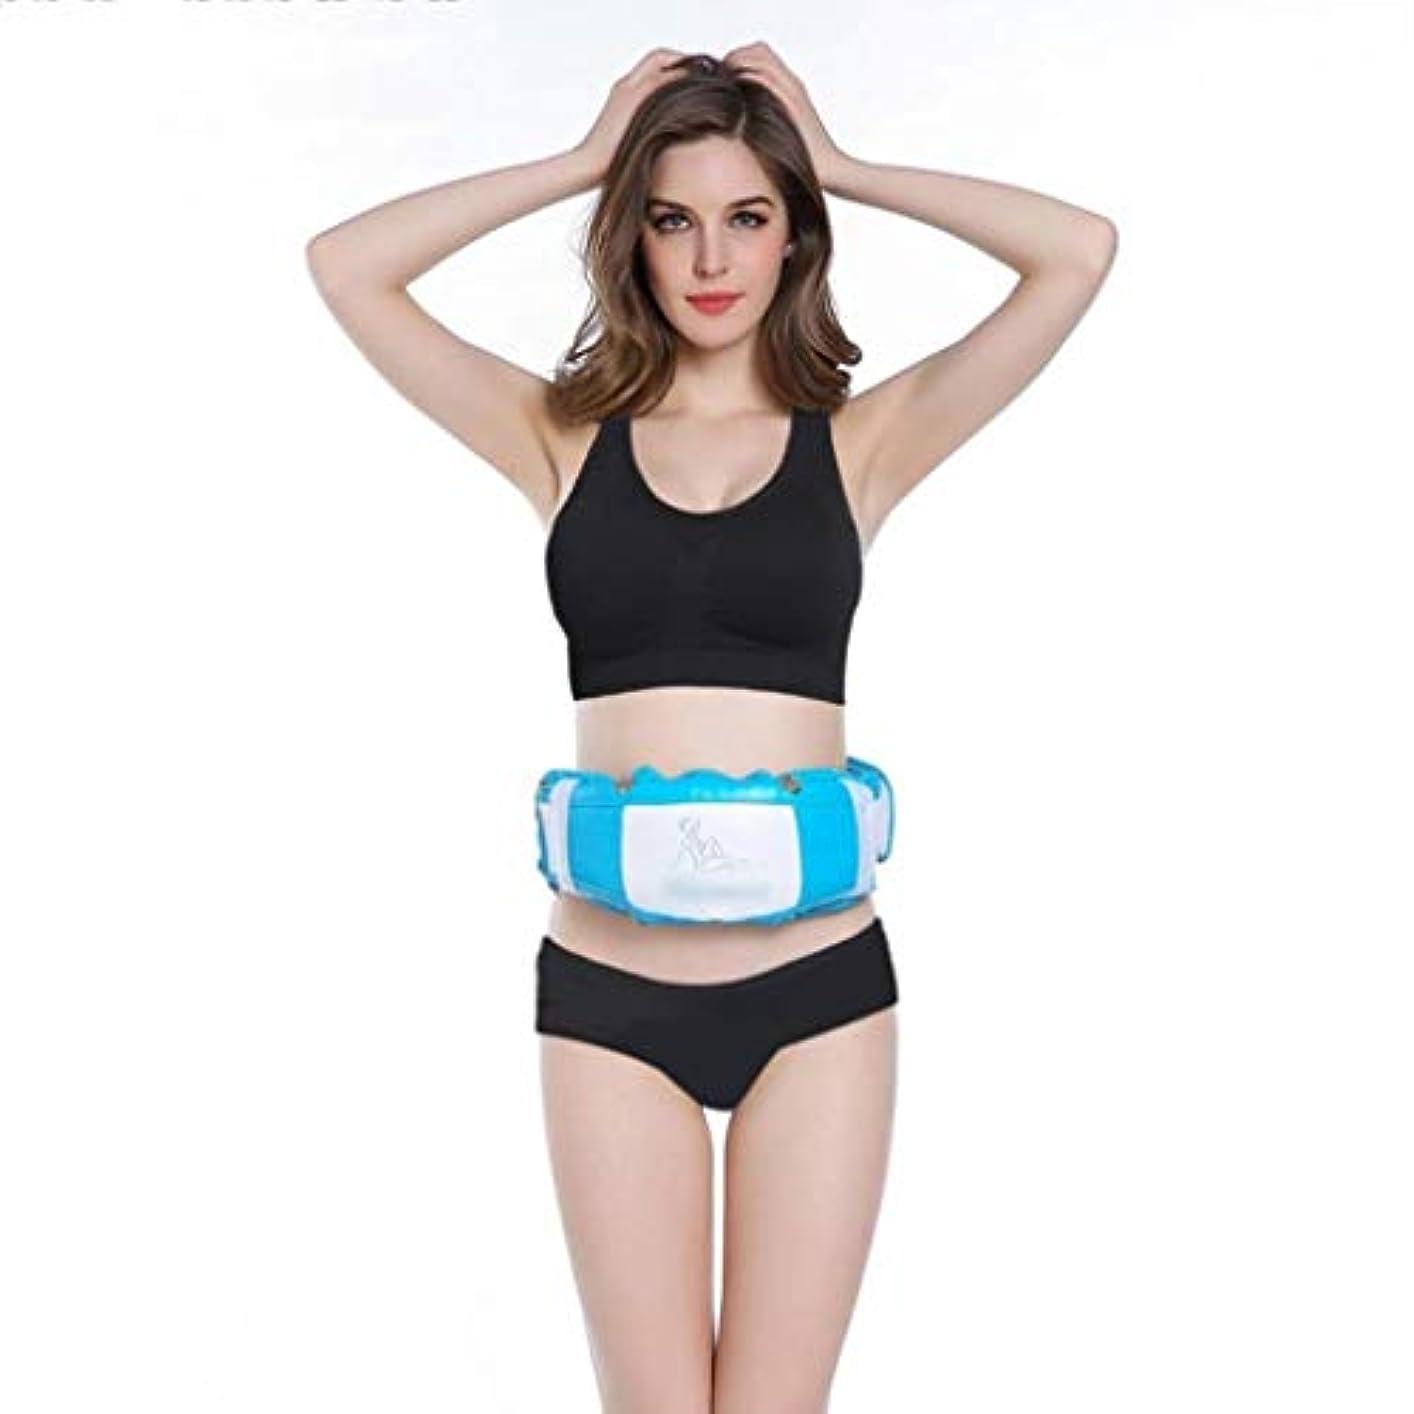 血まみれ欠伸予報体形Slim身ベルト、Slim身マシン、スポーツSlim身機器、細いウエストと細い腹、調整可能なフィットネスウエスト振動ベルト、男性と女性の減量機